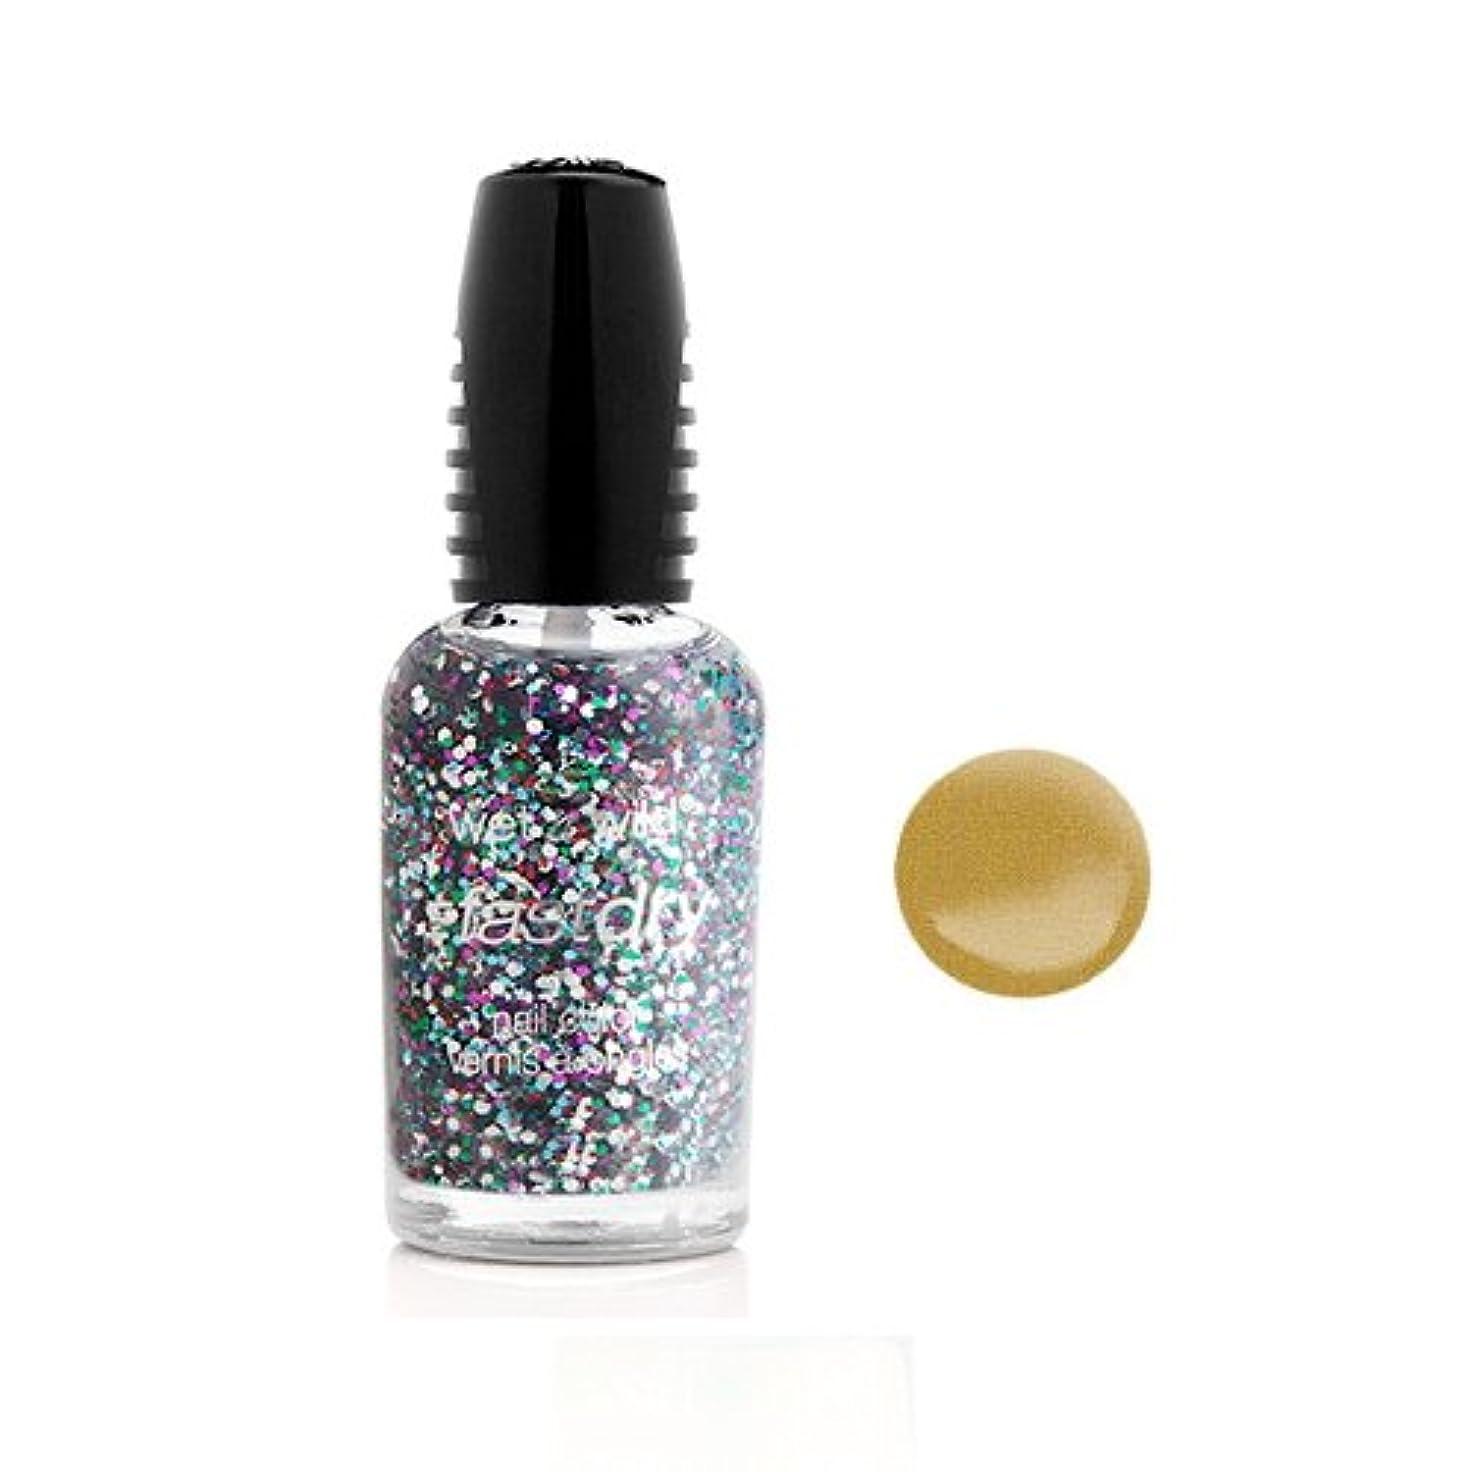 助けになる気を散らすひいきにする(6 Pack) WET N WILD Fastdry Nail Color - The Gold & the Beautiful (DC) (並行輸入品)